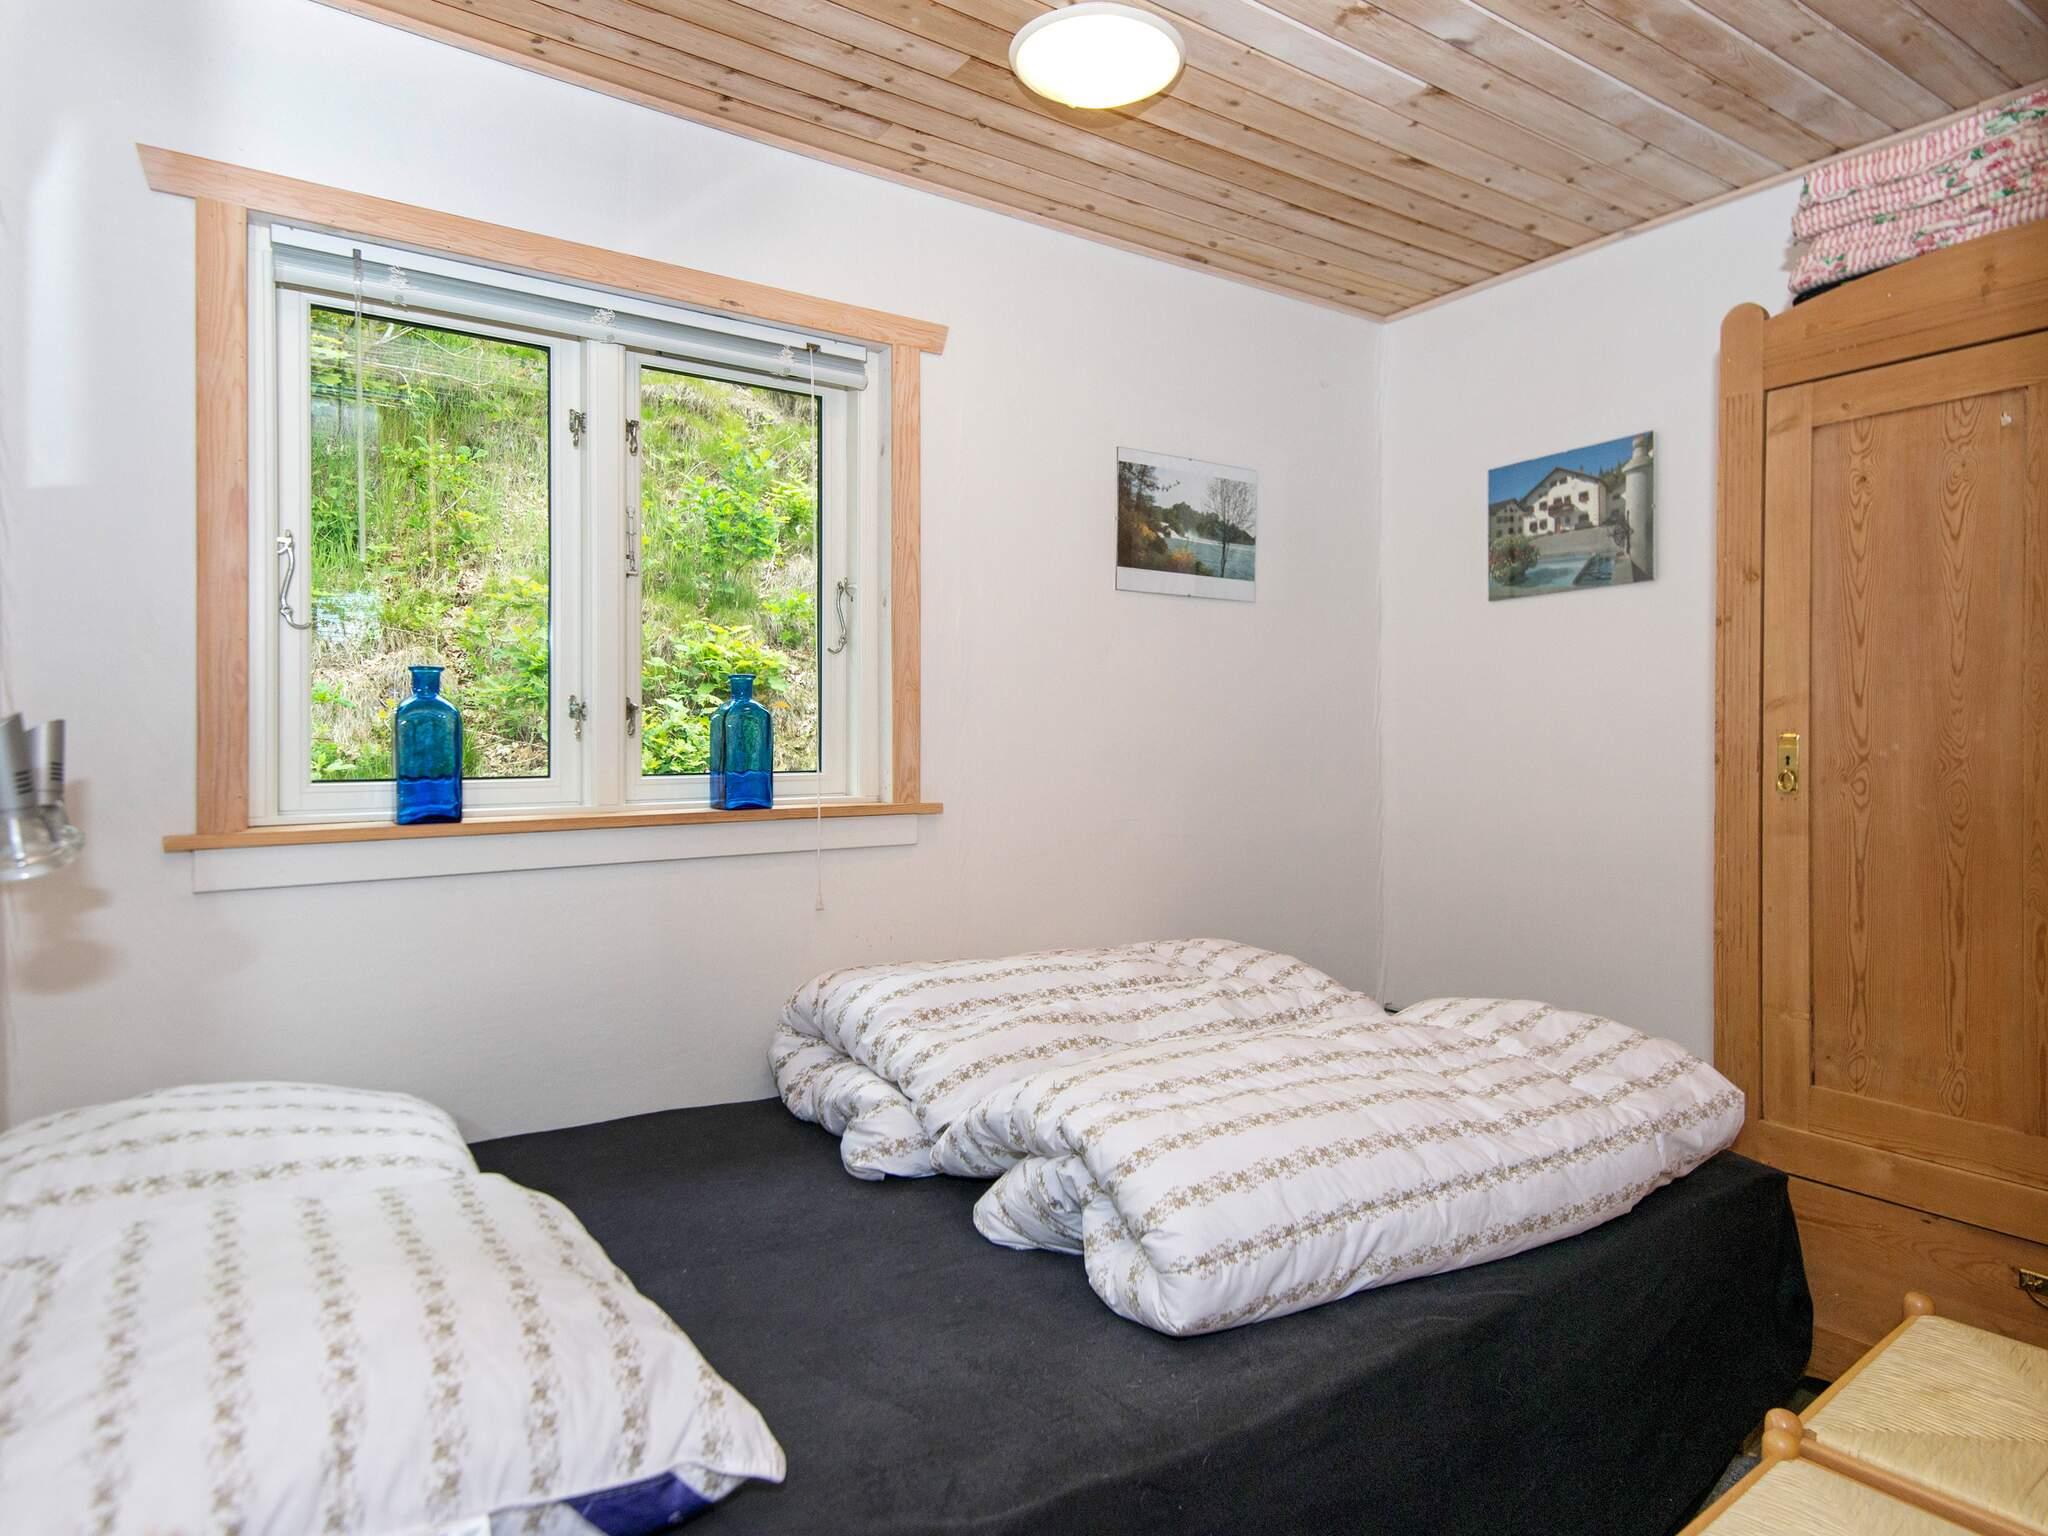 Ferienhaus Silkeborg (2355202), Silkeborg, , Ostjütland, Dänemark, Bild 27